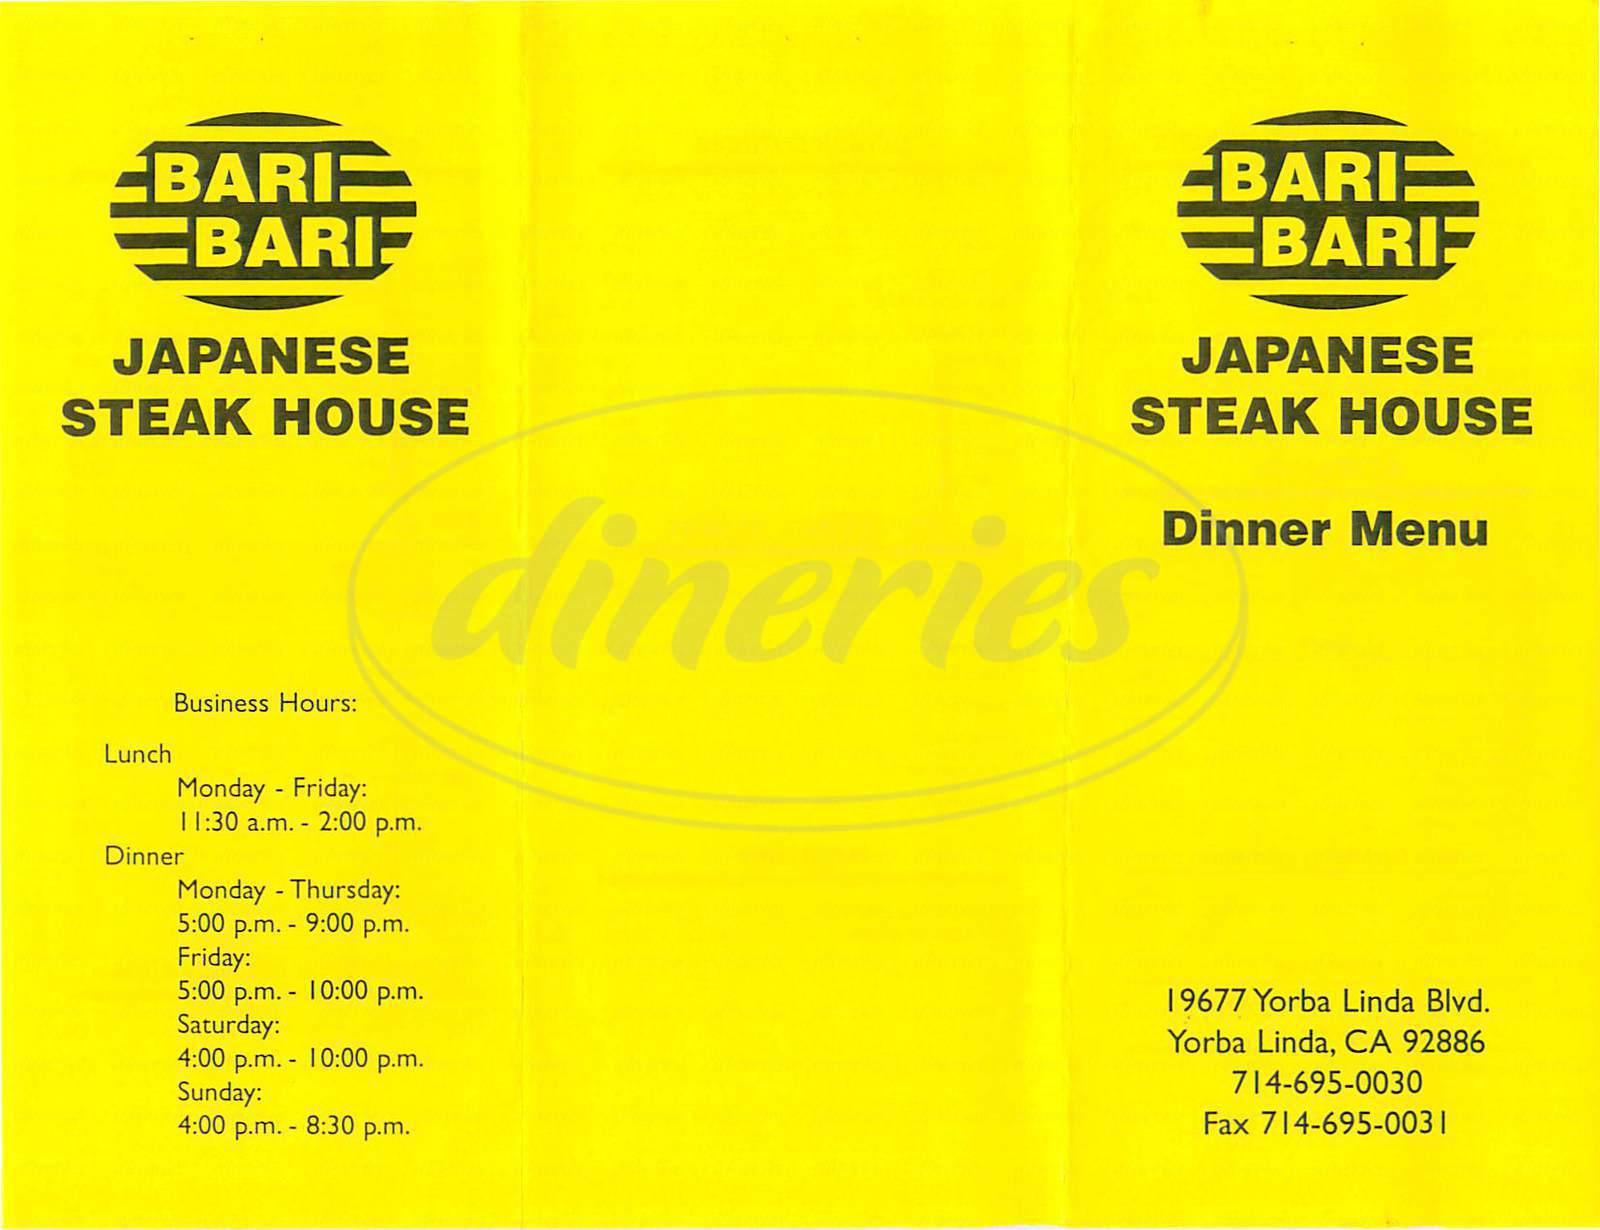 menu for Bari Bari Japanese Steak House